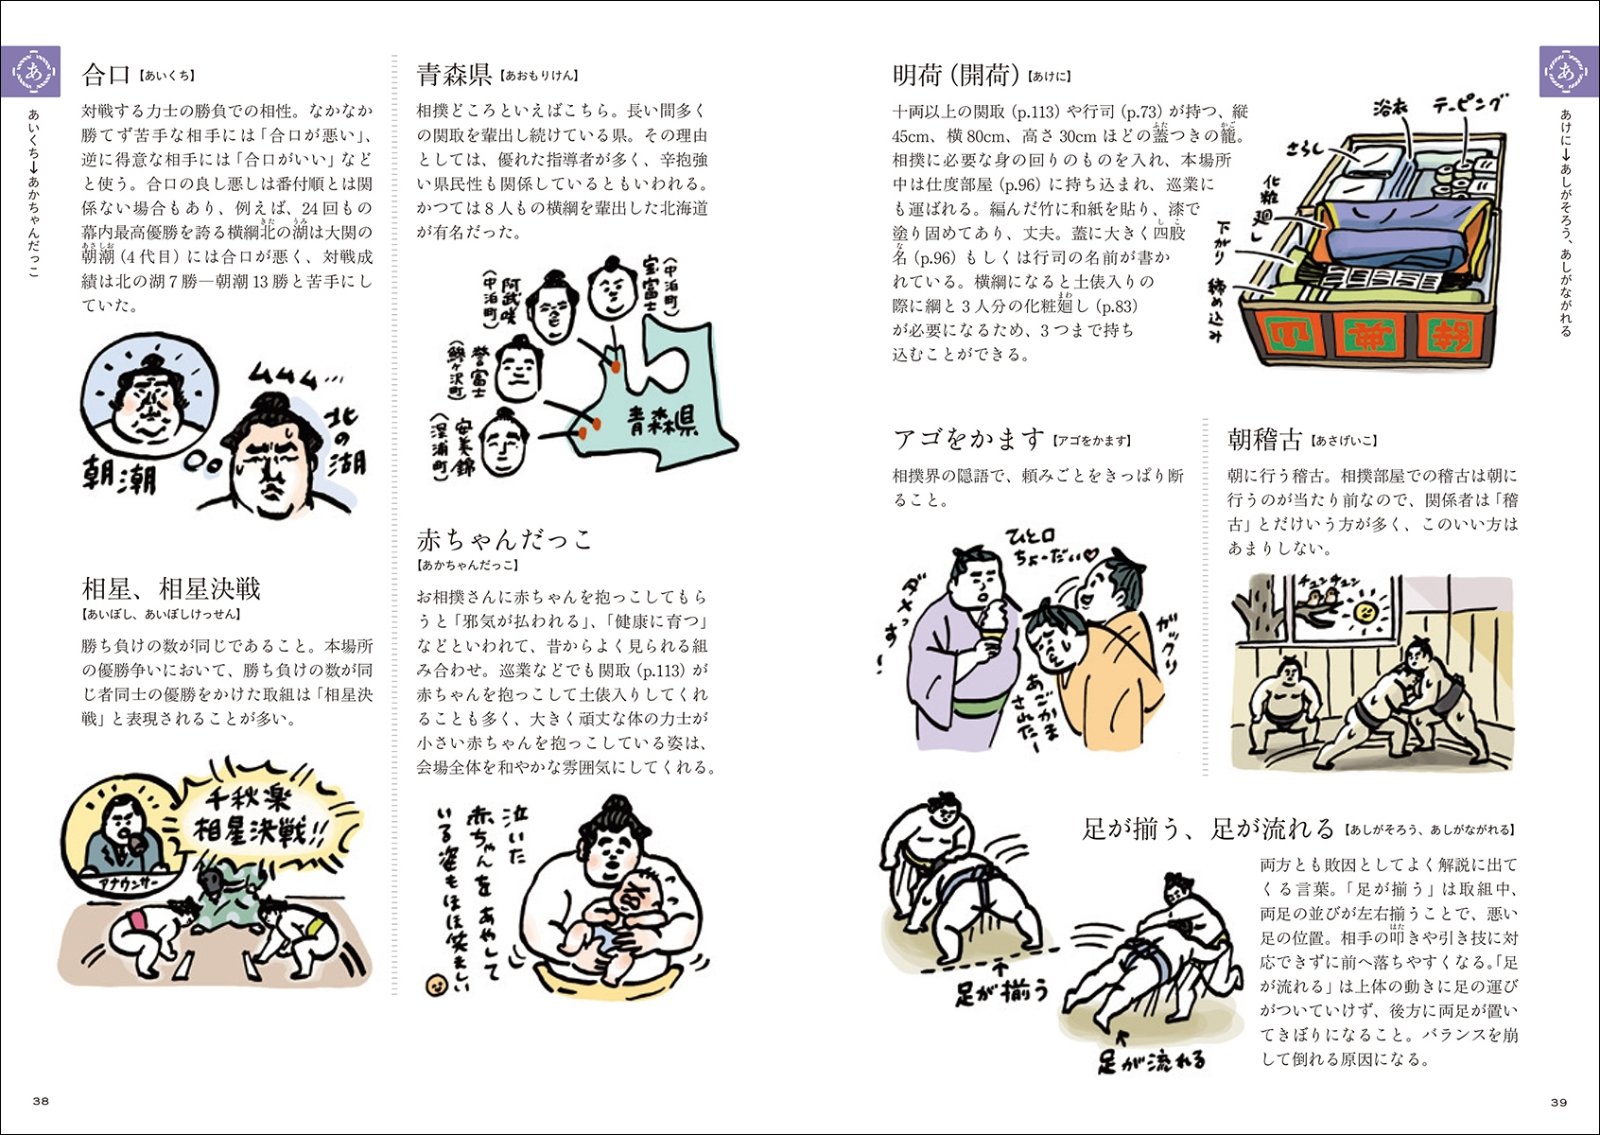 楽天ブックス 大相撲語辞典 相撲にまつわる言葉をイラストと豆知識で